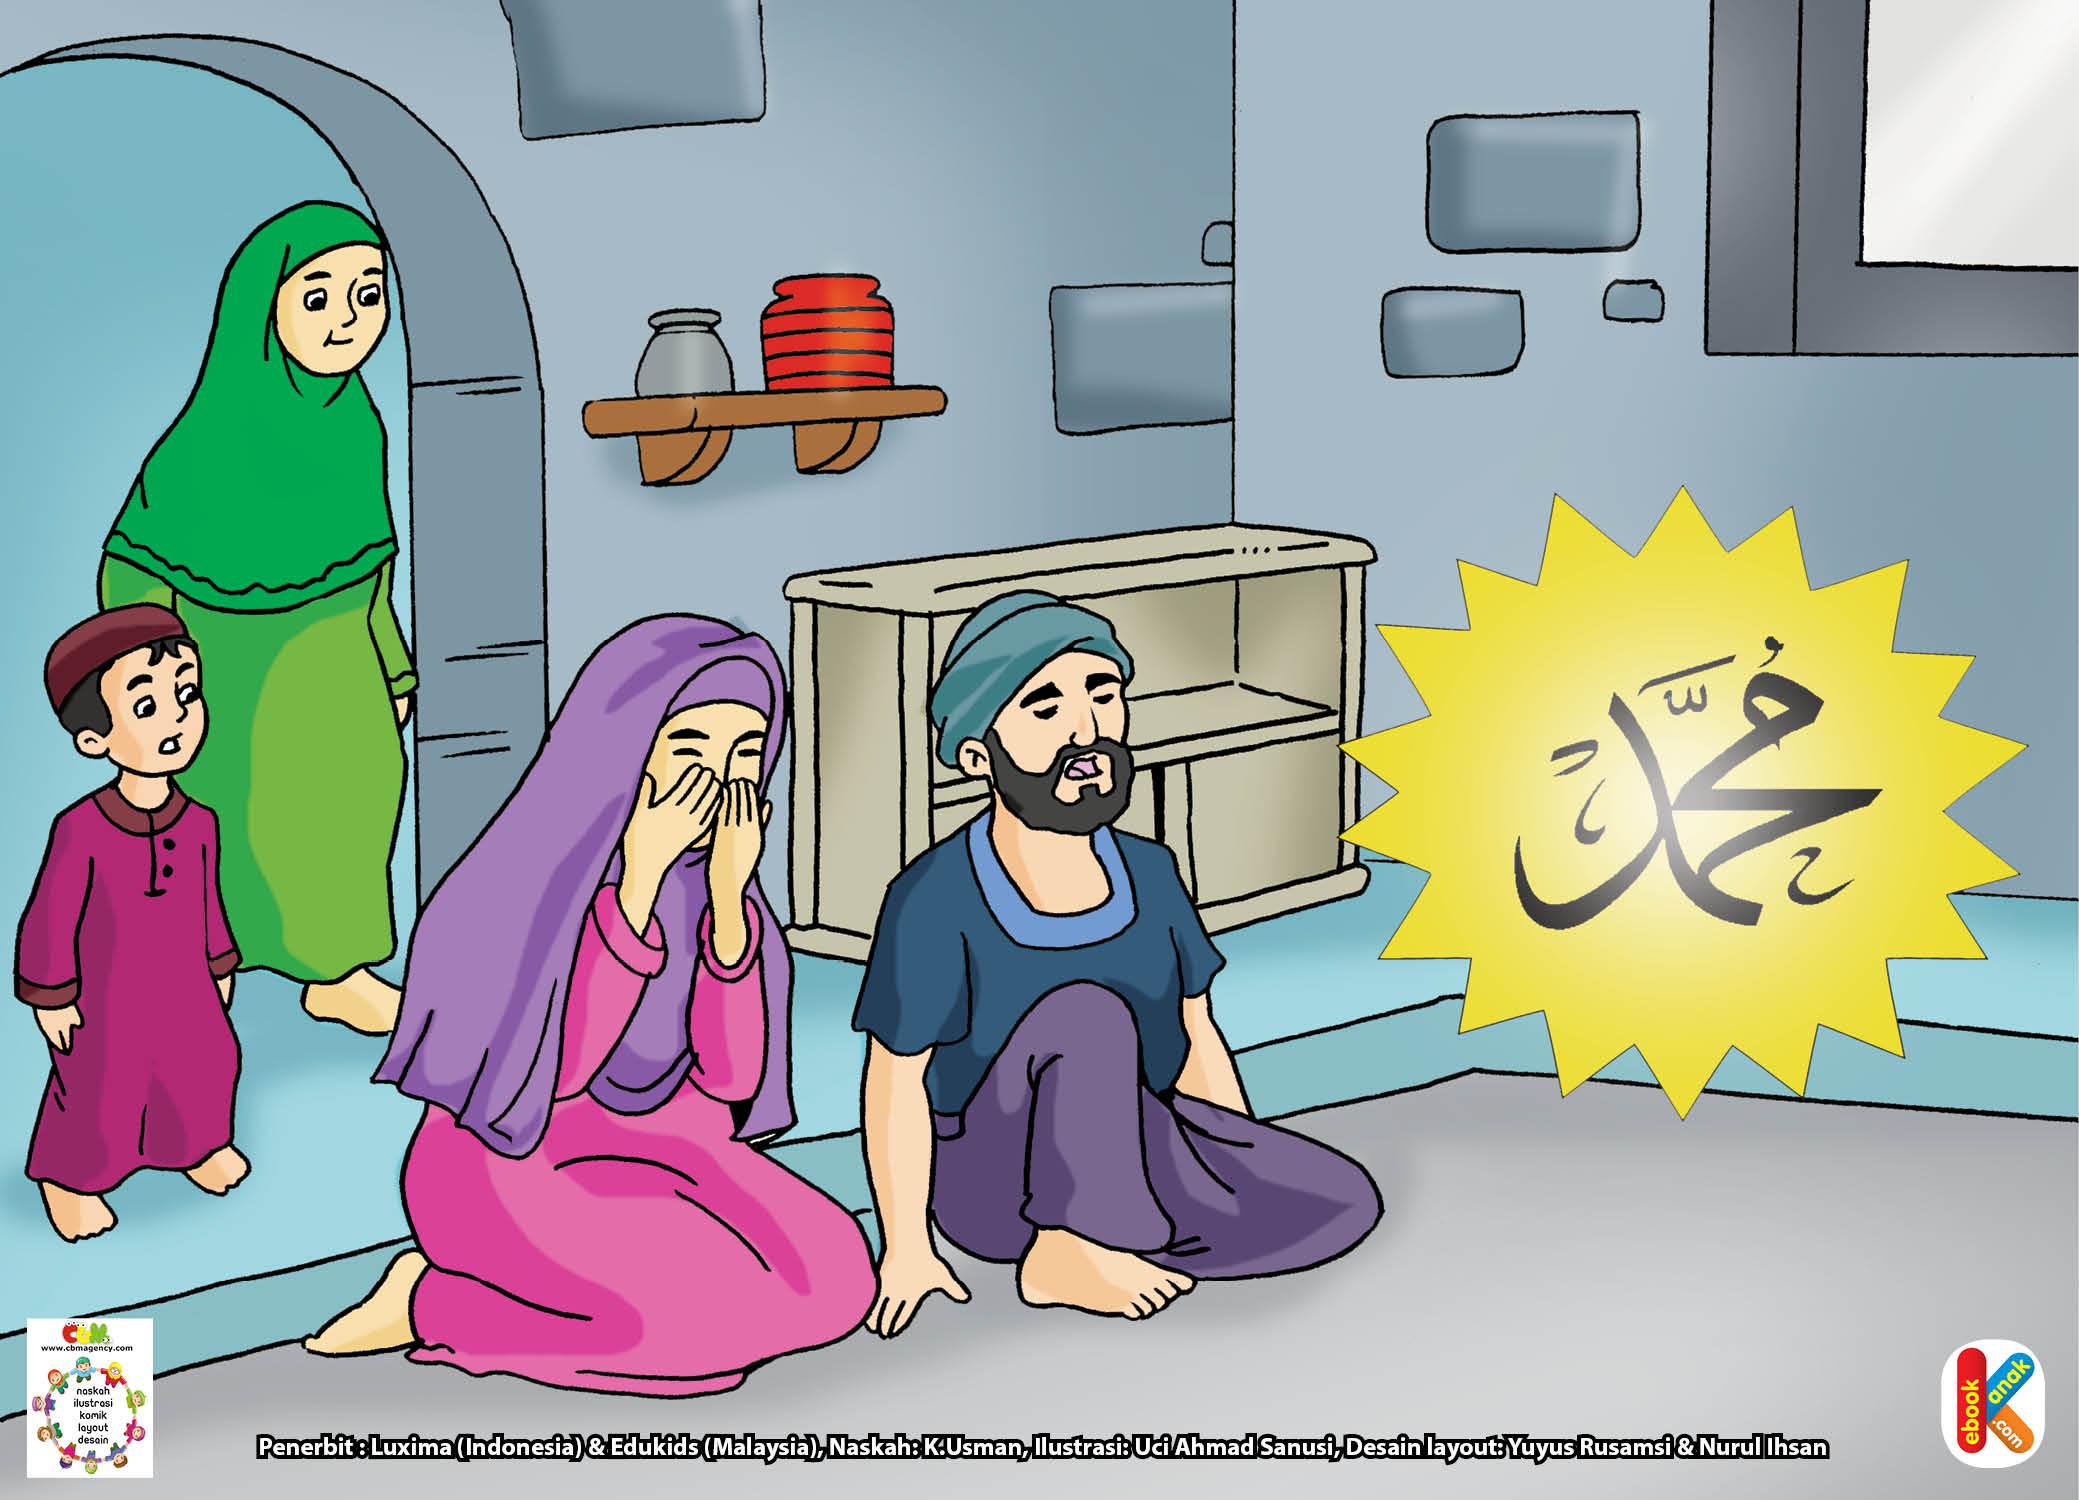 Ummu Salma binti Khair menundukkan kepala. Ummu Salma binti Khair meneteskan air mata.